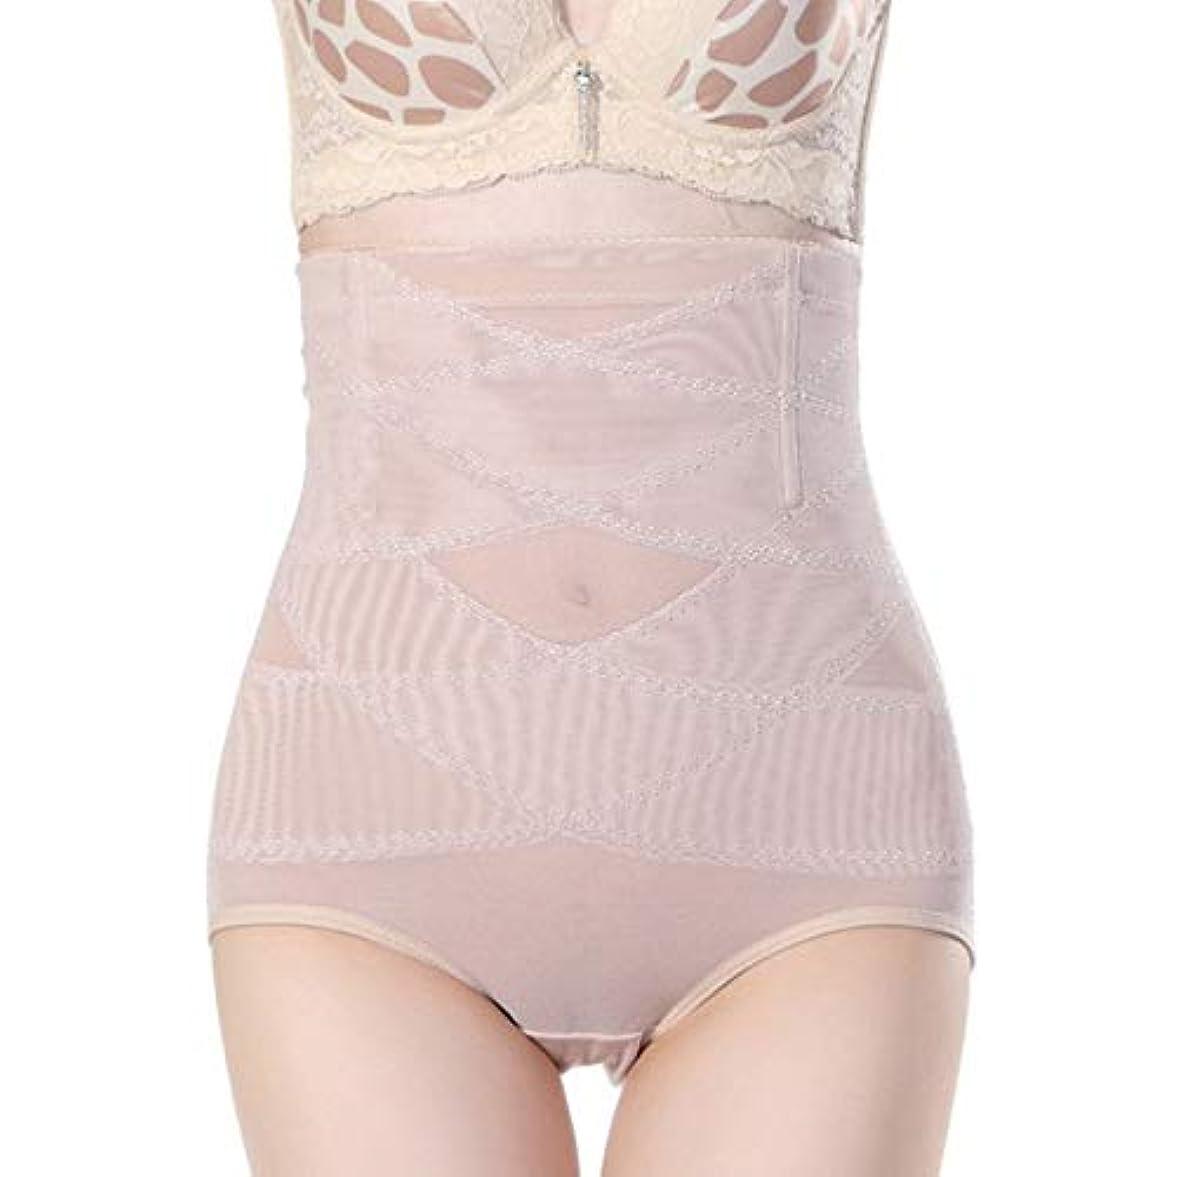 密度約逆腹部制御下着シームレスおなかコントロールパンティーバットリフターボディシェイパーを痩身通気性のハイウエストの女性 - 肌色M